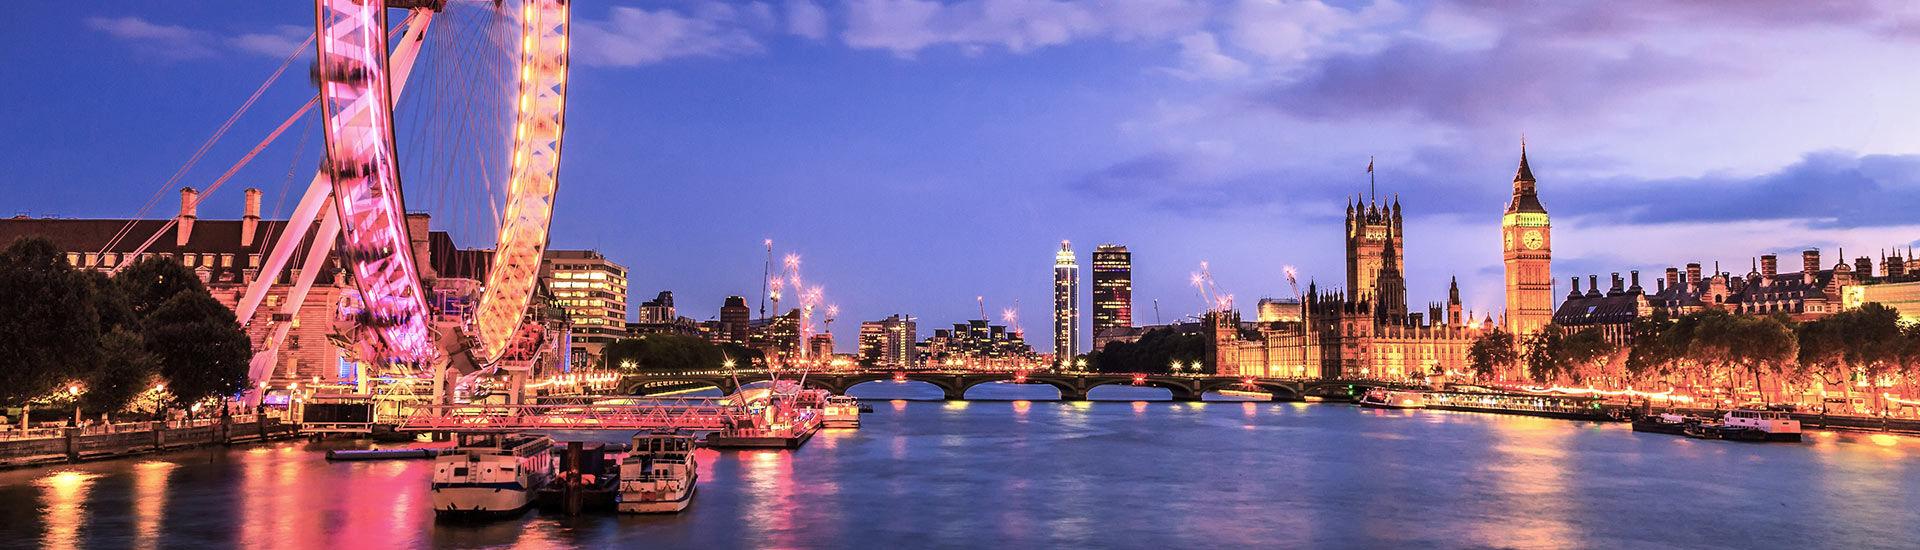 Appart hôtel Londres : cherchez-vous les meilleurs hébergements ?